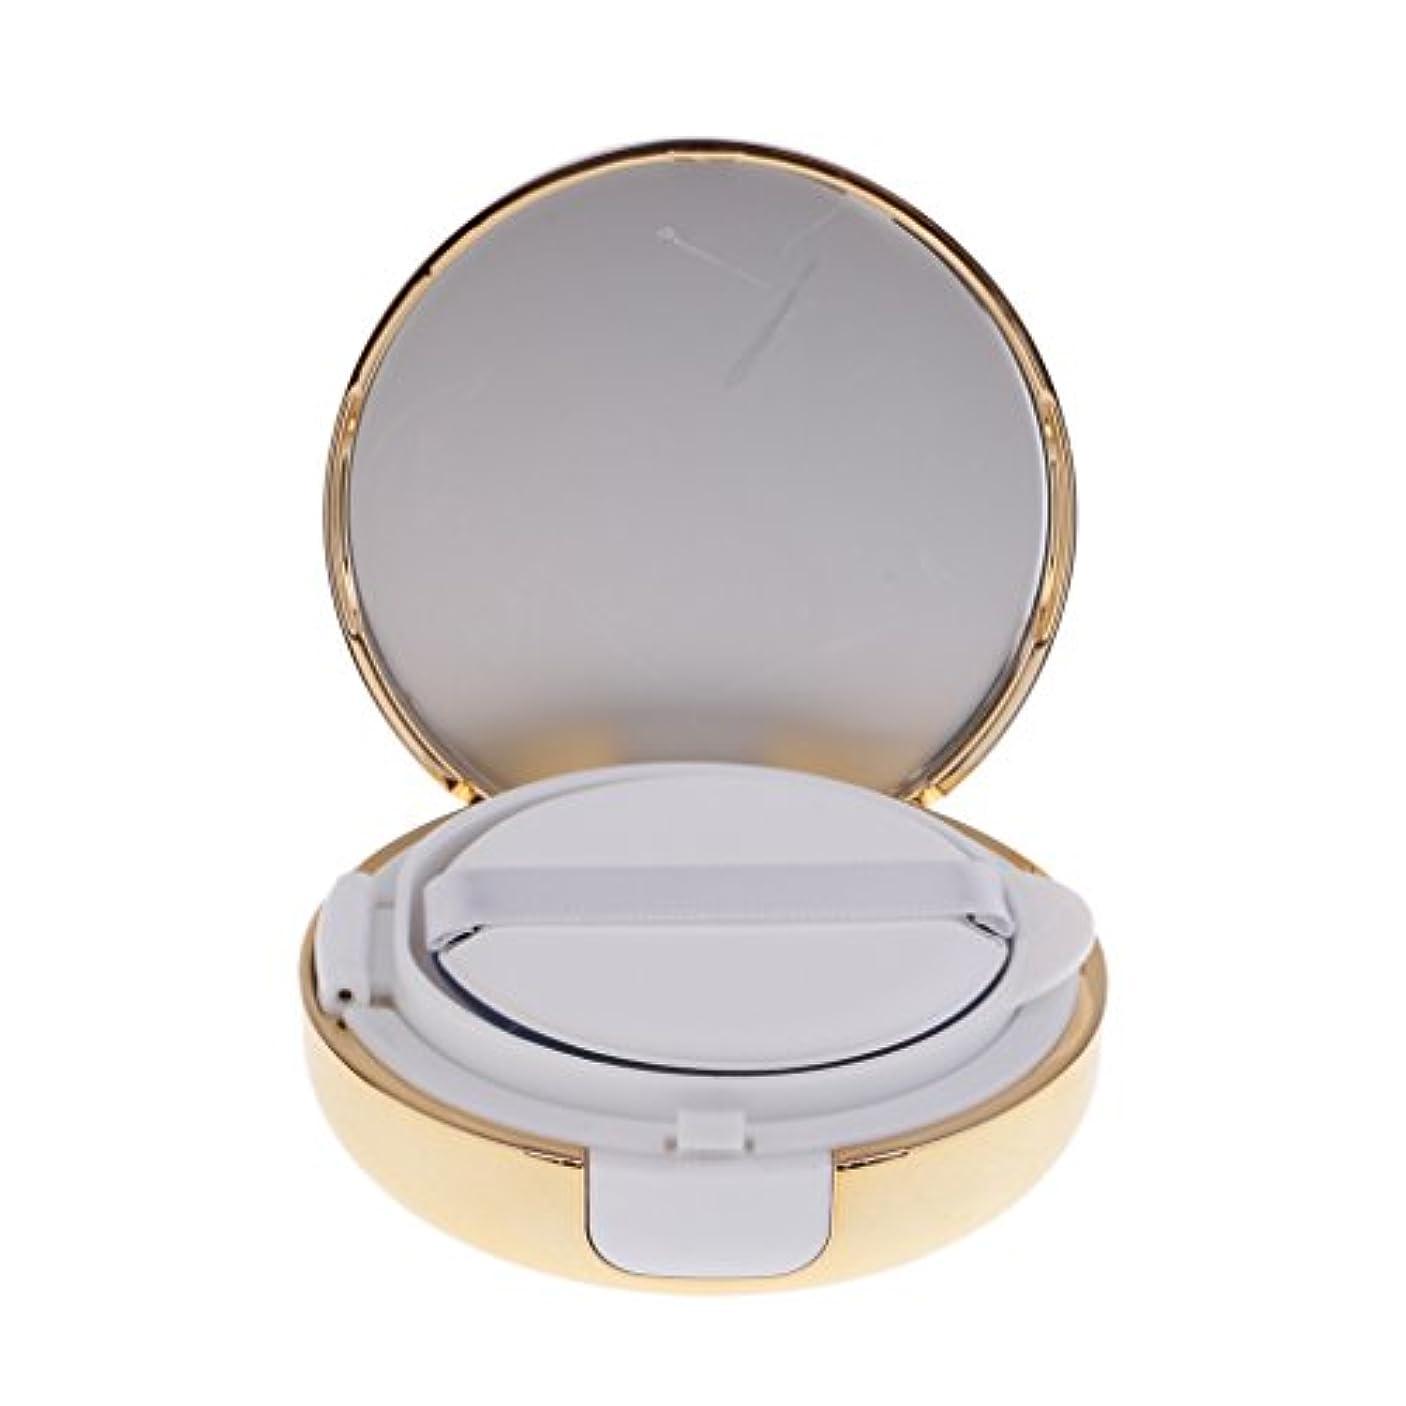 並外れた丁寧アーティキュレーションKesoto メイクアップ 空パウダーコンテナ ファンデーションケース エアクッション パフ BBクリーム 詰替え 化粧品 DIY プラスチック製 2色選べる - ゴールド